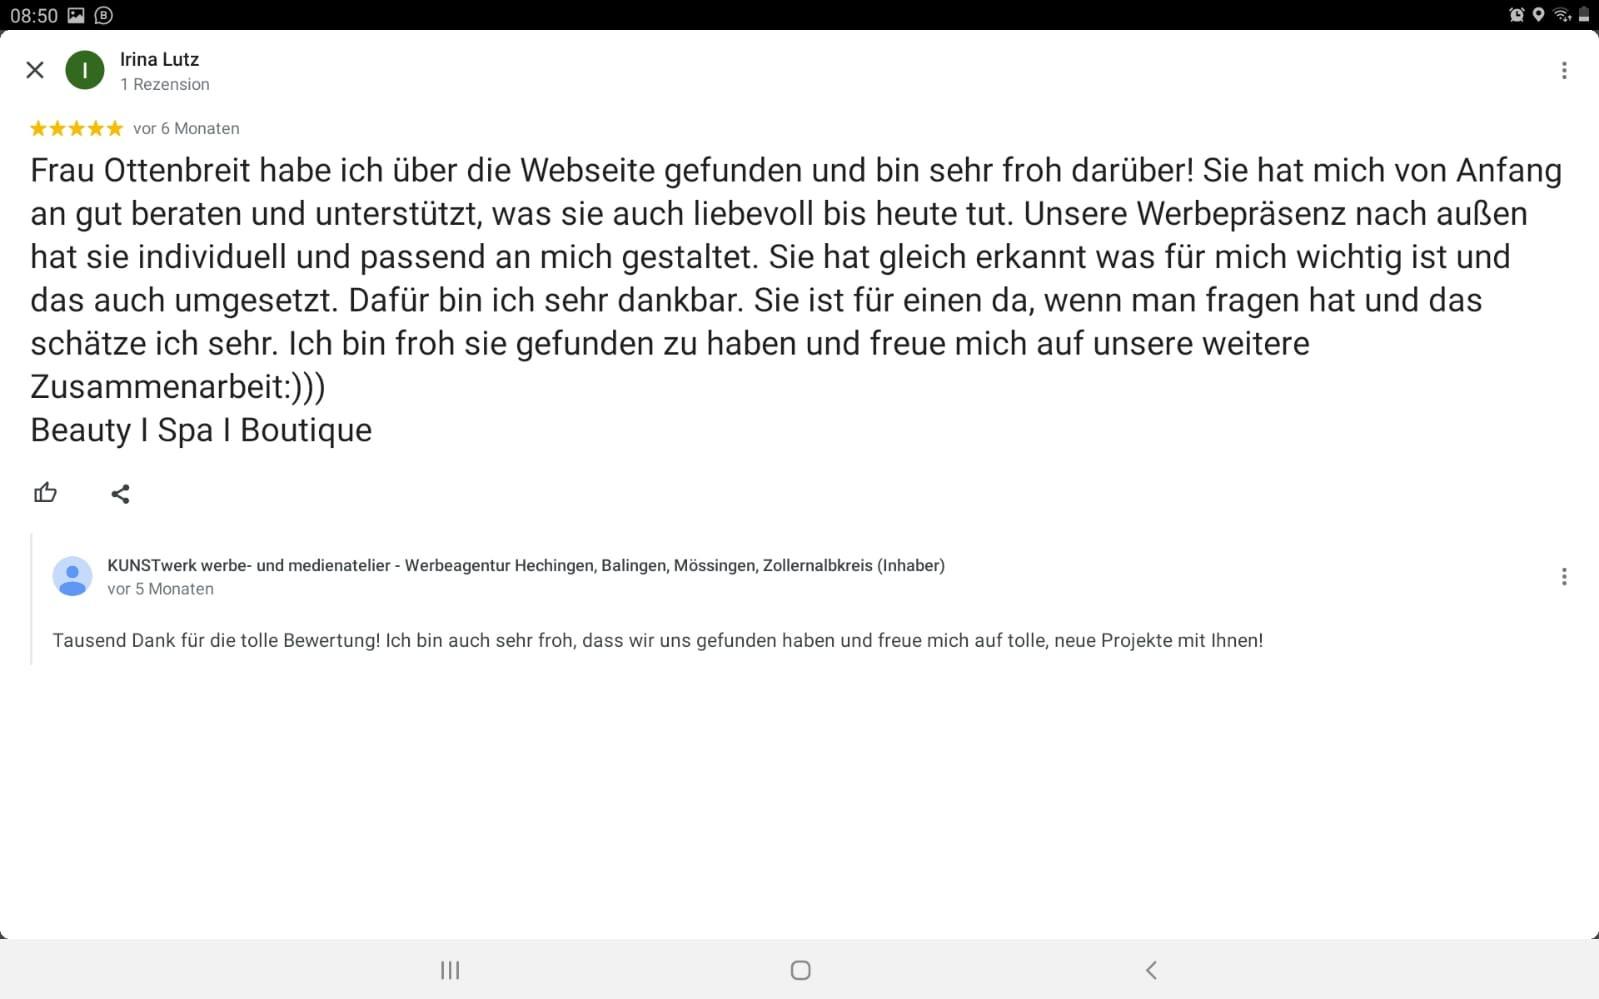 Google Rezession für KUNSTwerk der Werbeagentur in Hechingen, Balingen und dem Zollernalbkreis